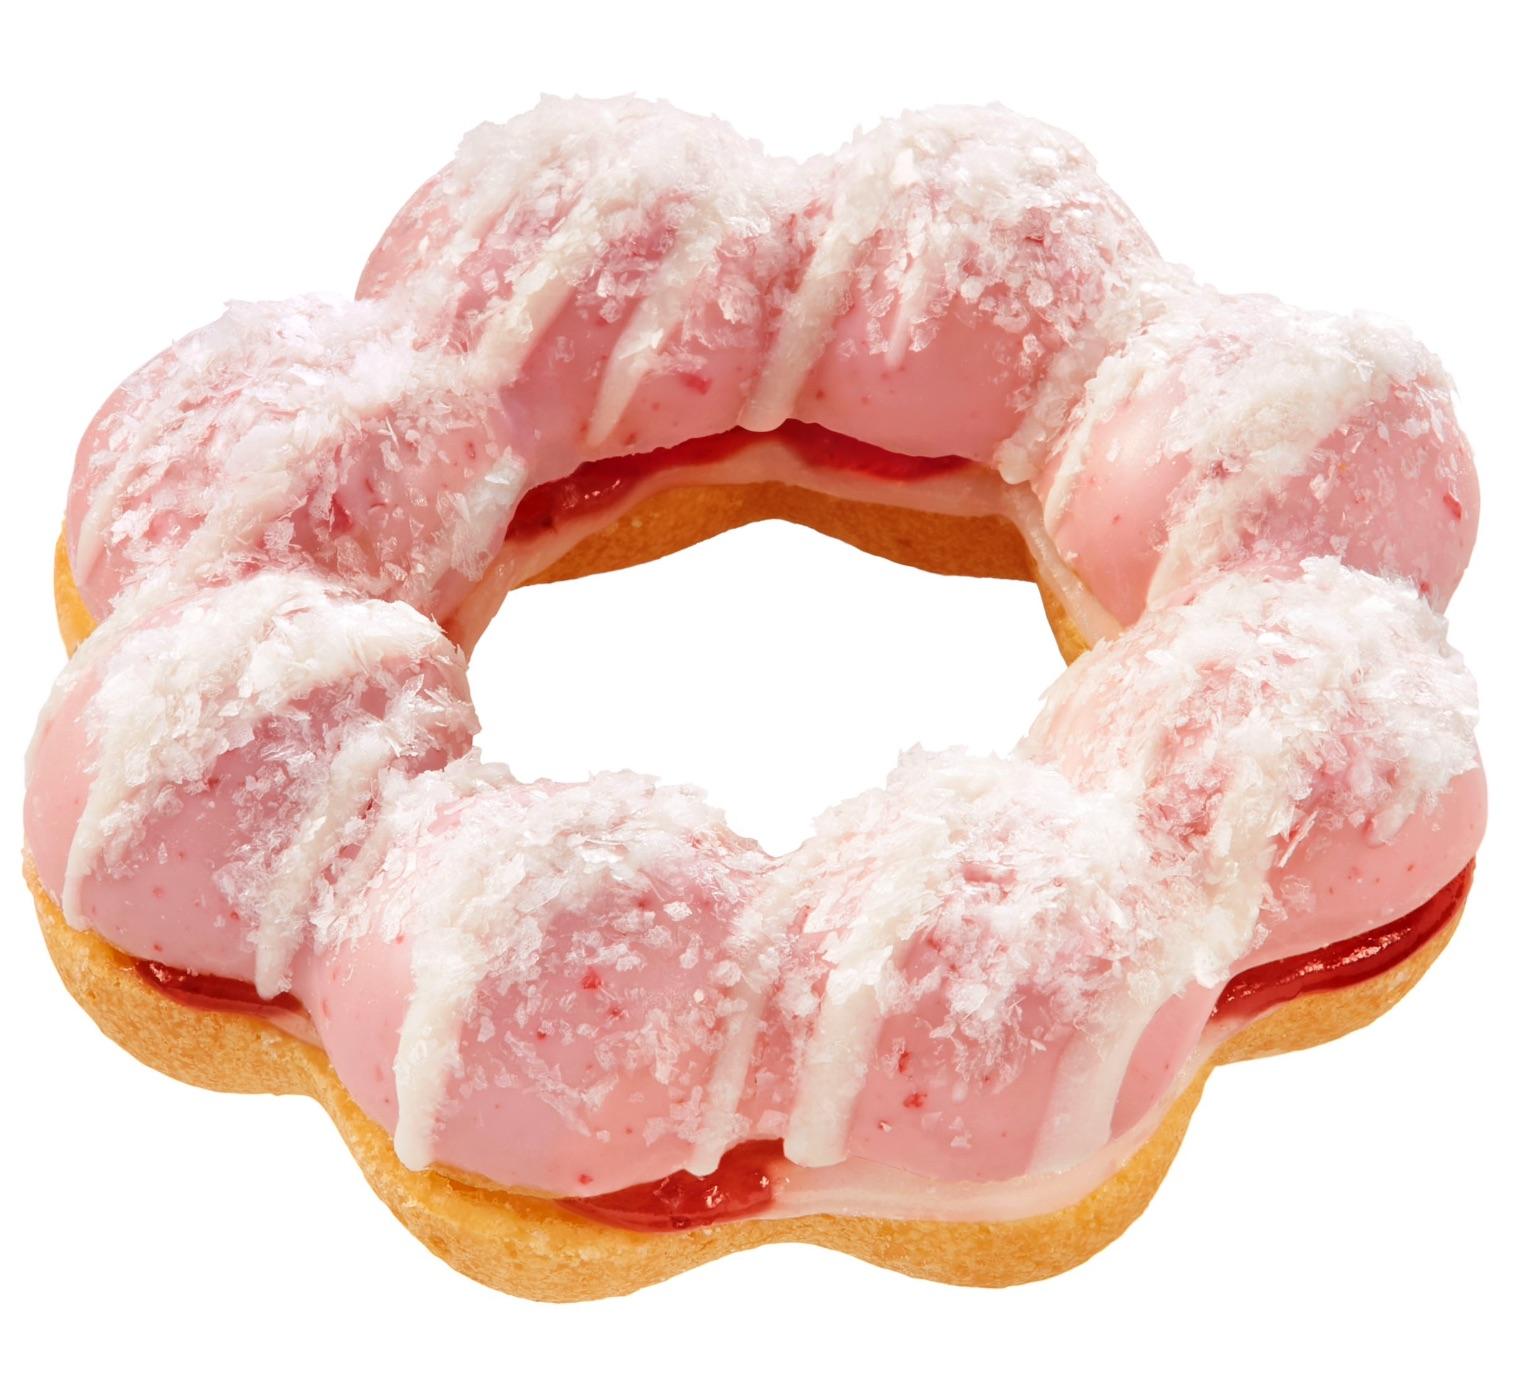 %e3%83%9f%e3%82%b9%e3%82%bf%e3%83%bc%e3%83%89%e3%83%bc%e3%83%8a%e3%83%84-%e3%82%82%e3%81%a1%e3%82%af%e3%83%aa%e3%83%bc%e3%83%a0-mister-donut-mochi-cream-%e7%94%9c%e7%94%9c%e5%9c%885-2